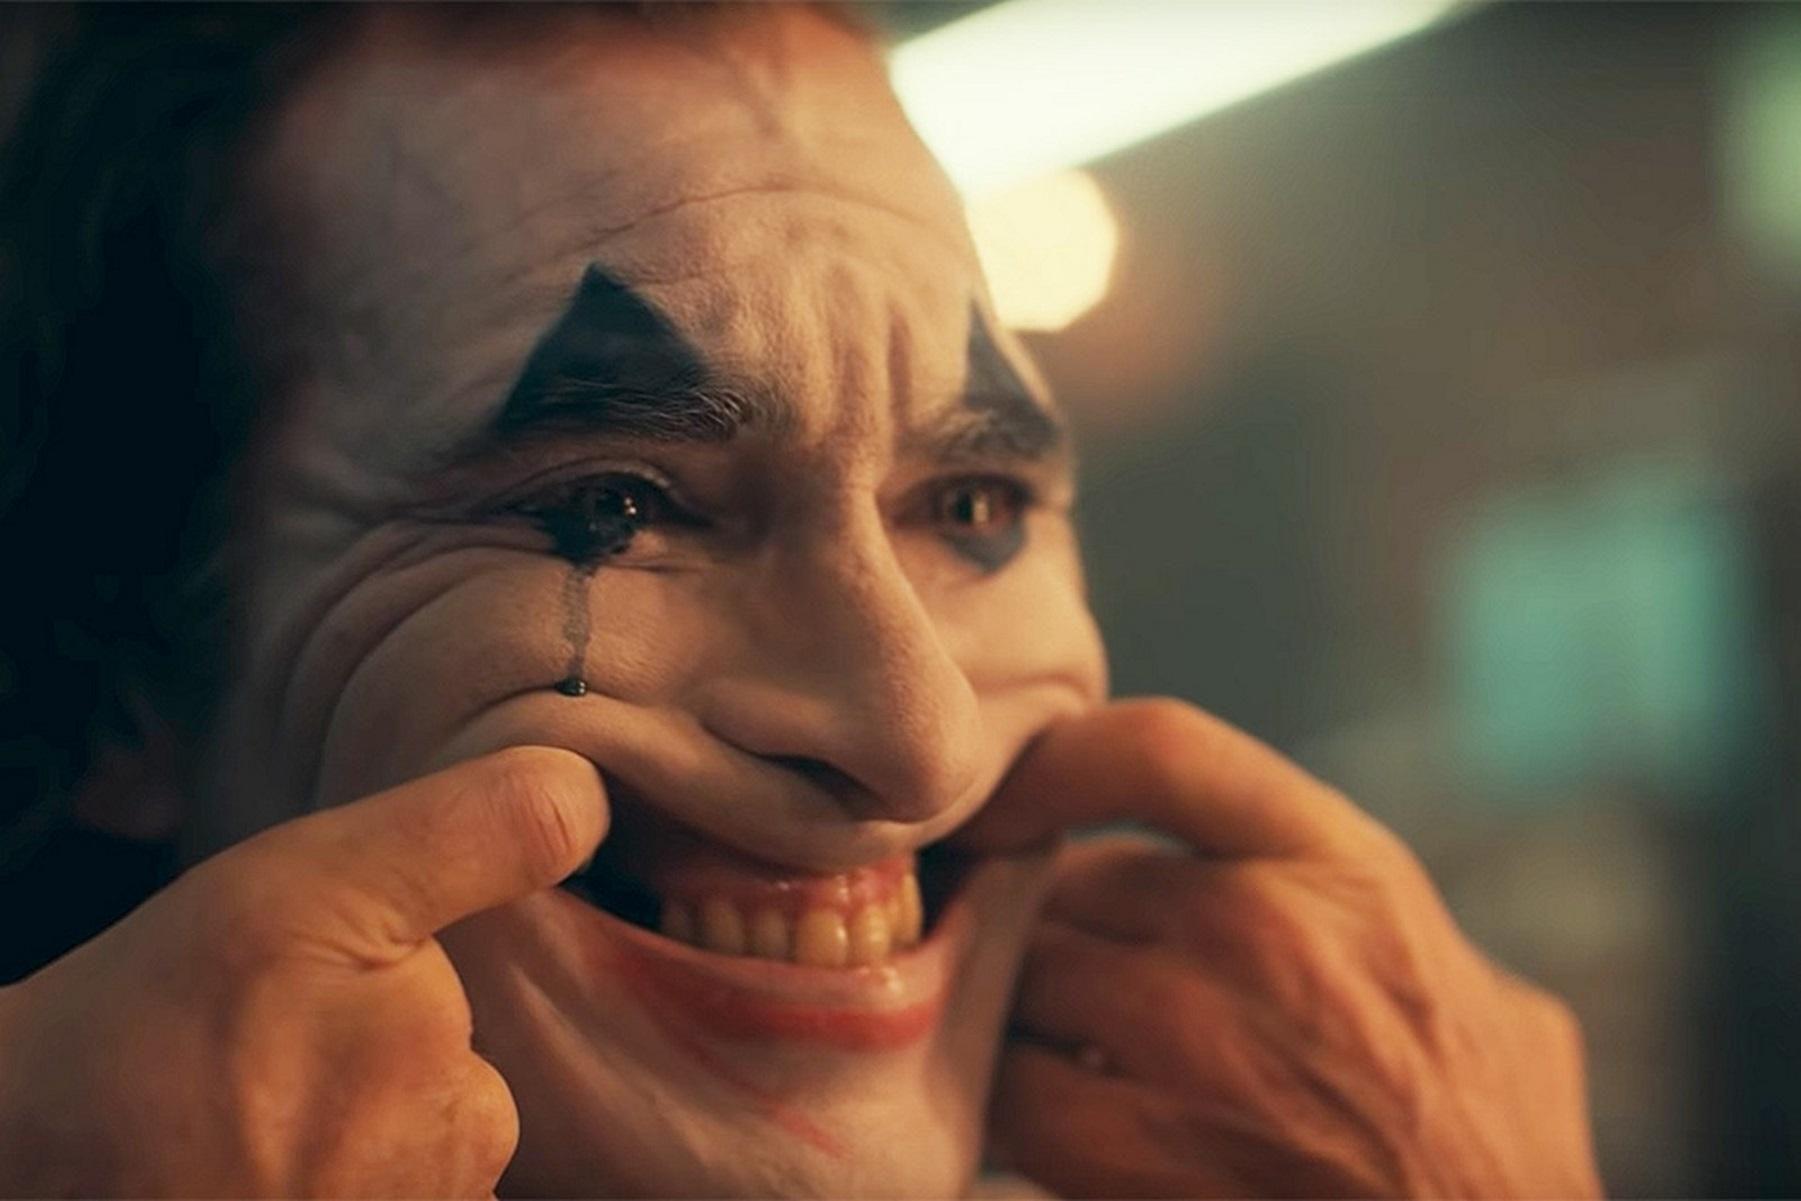 Ο Τζόκερ (Joker) απόψε σε πρώτη τηλεοπτική προβολή από το STAR